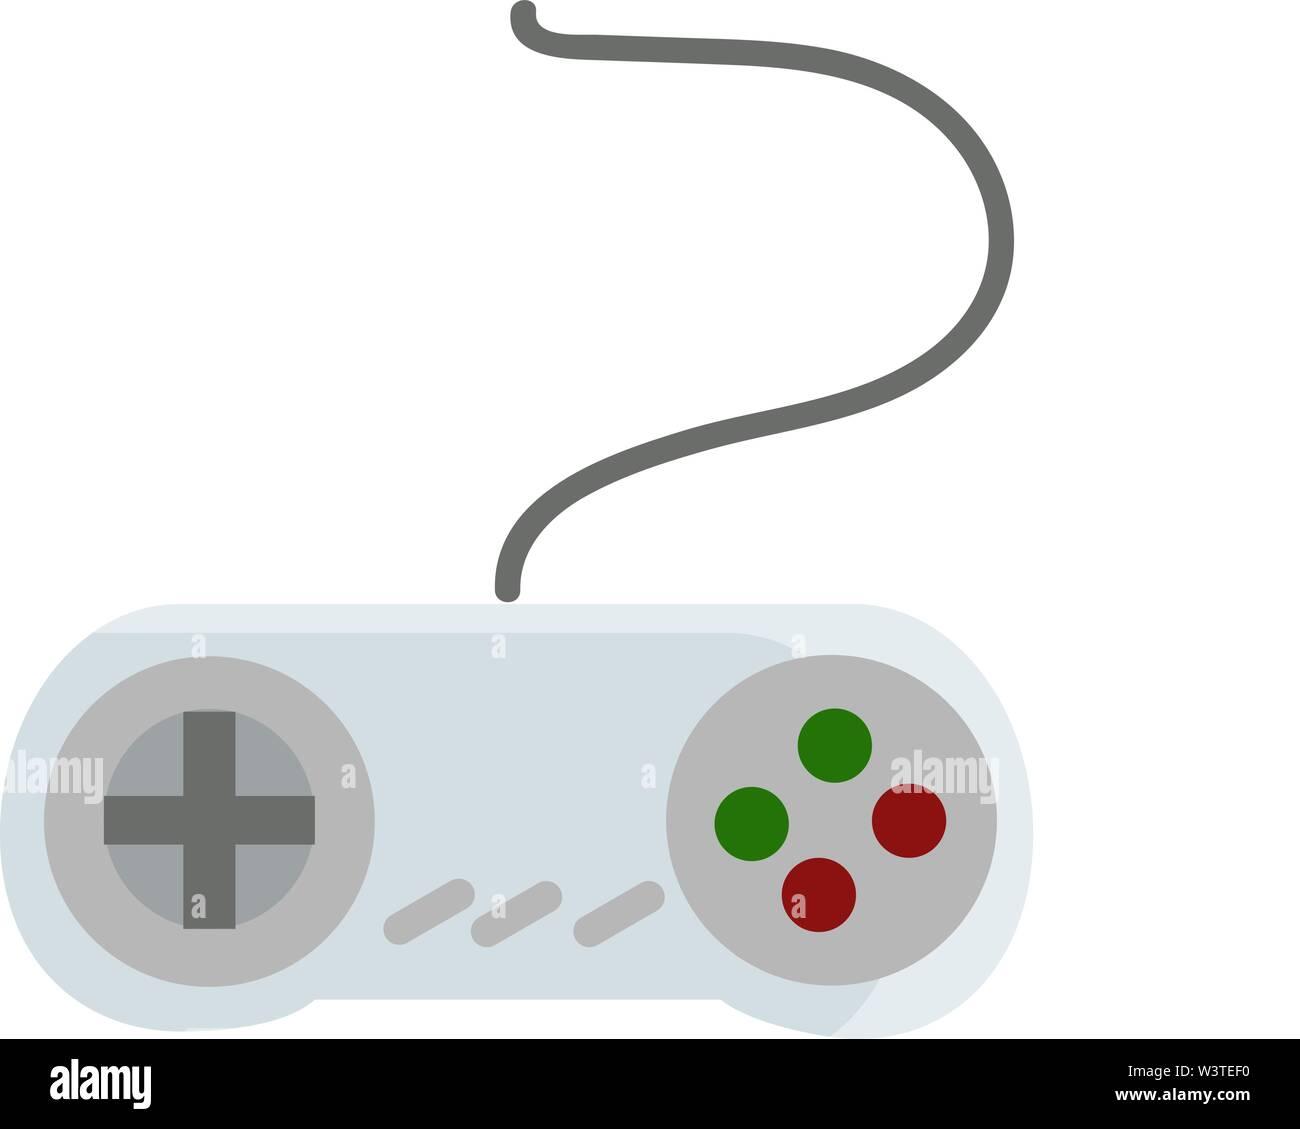 Avec un joystick bleu gris, vert et boutons rouges, Scénario, dessin en couleur ou d'illustration. Photo Stock